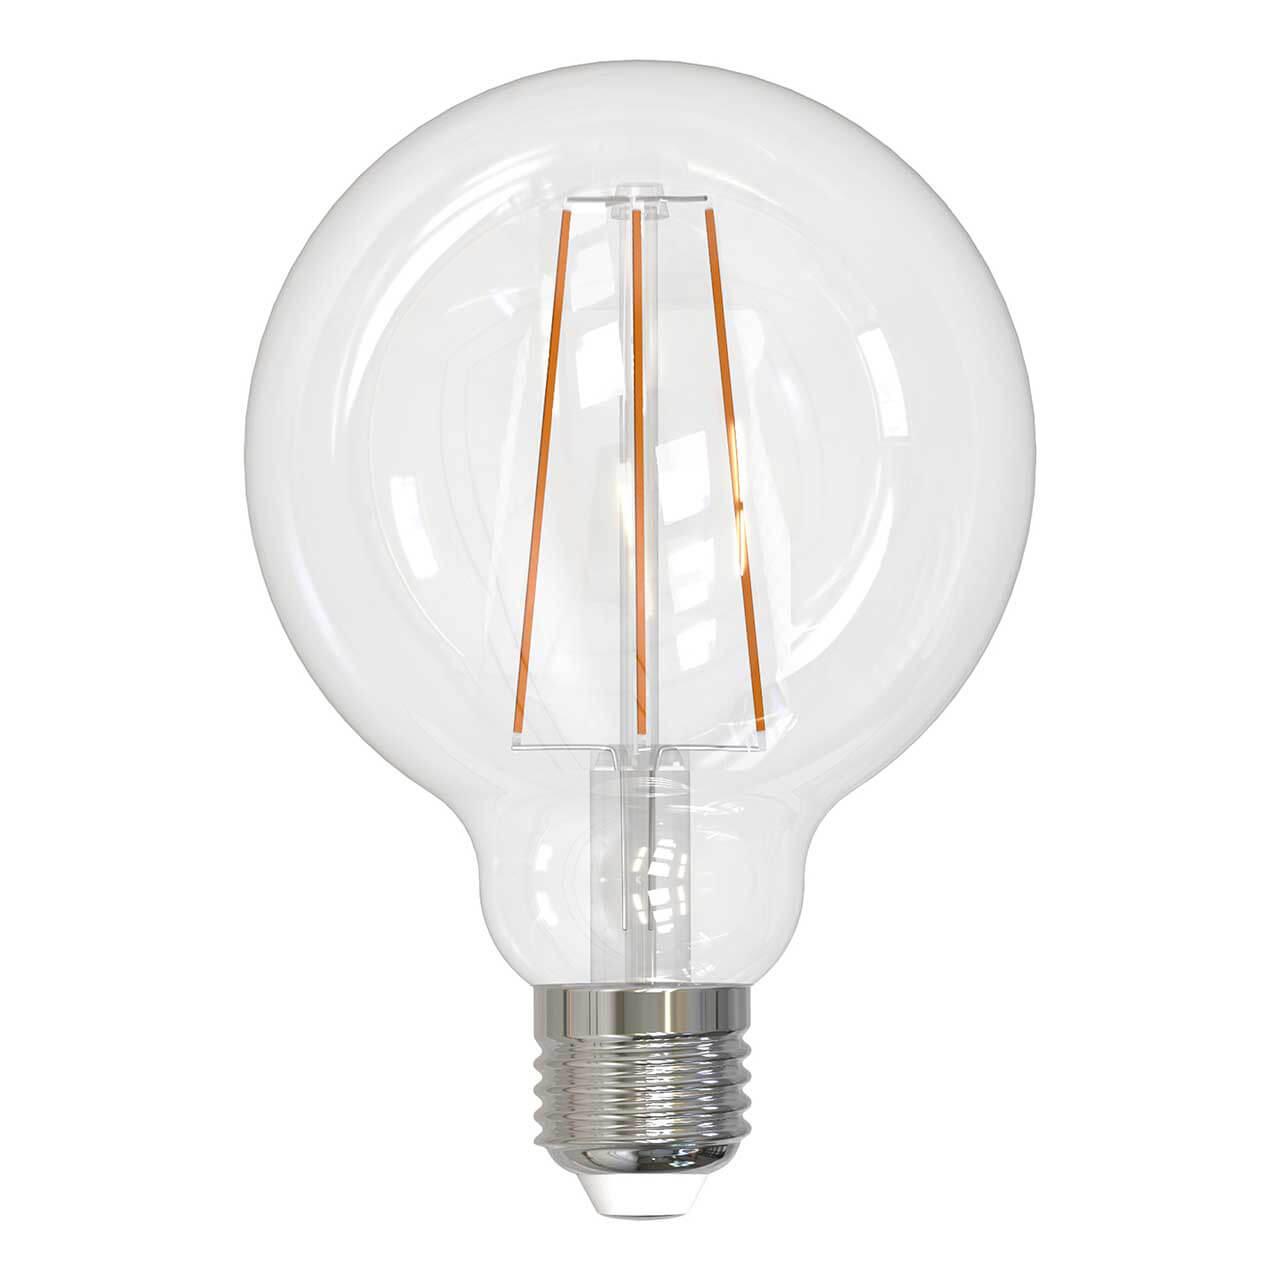 Лампочка Uniel LED-G95-10W/4000K/E27/CL PLS02WH SKY Globe ledron lip0906 10w y 4000k black